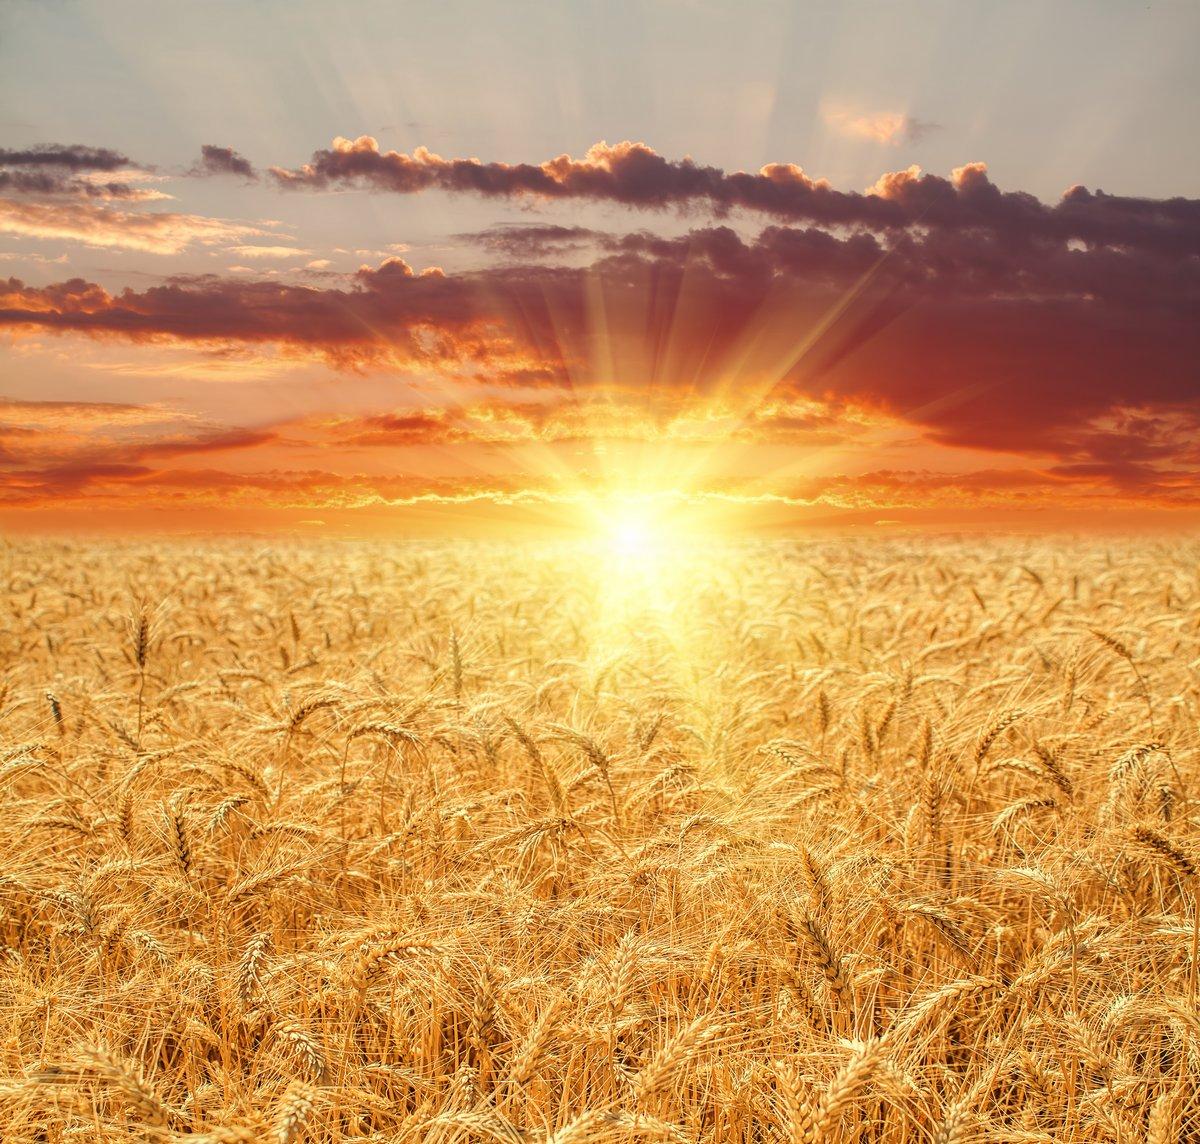 Постер Пейзаж равнинный Пшеничное поле на закатеПейзаж равнинный<br>Постер на холсте или бумаге. Любого нужного вам размера. В раме или без. Подвес в комплекте. Трехслойная надежная упаковка. Доставим в любую точку России. Вам осталось только повесить картину на стену!<br>